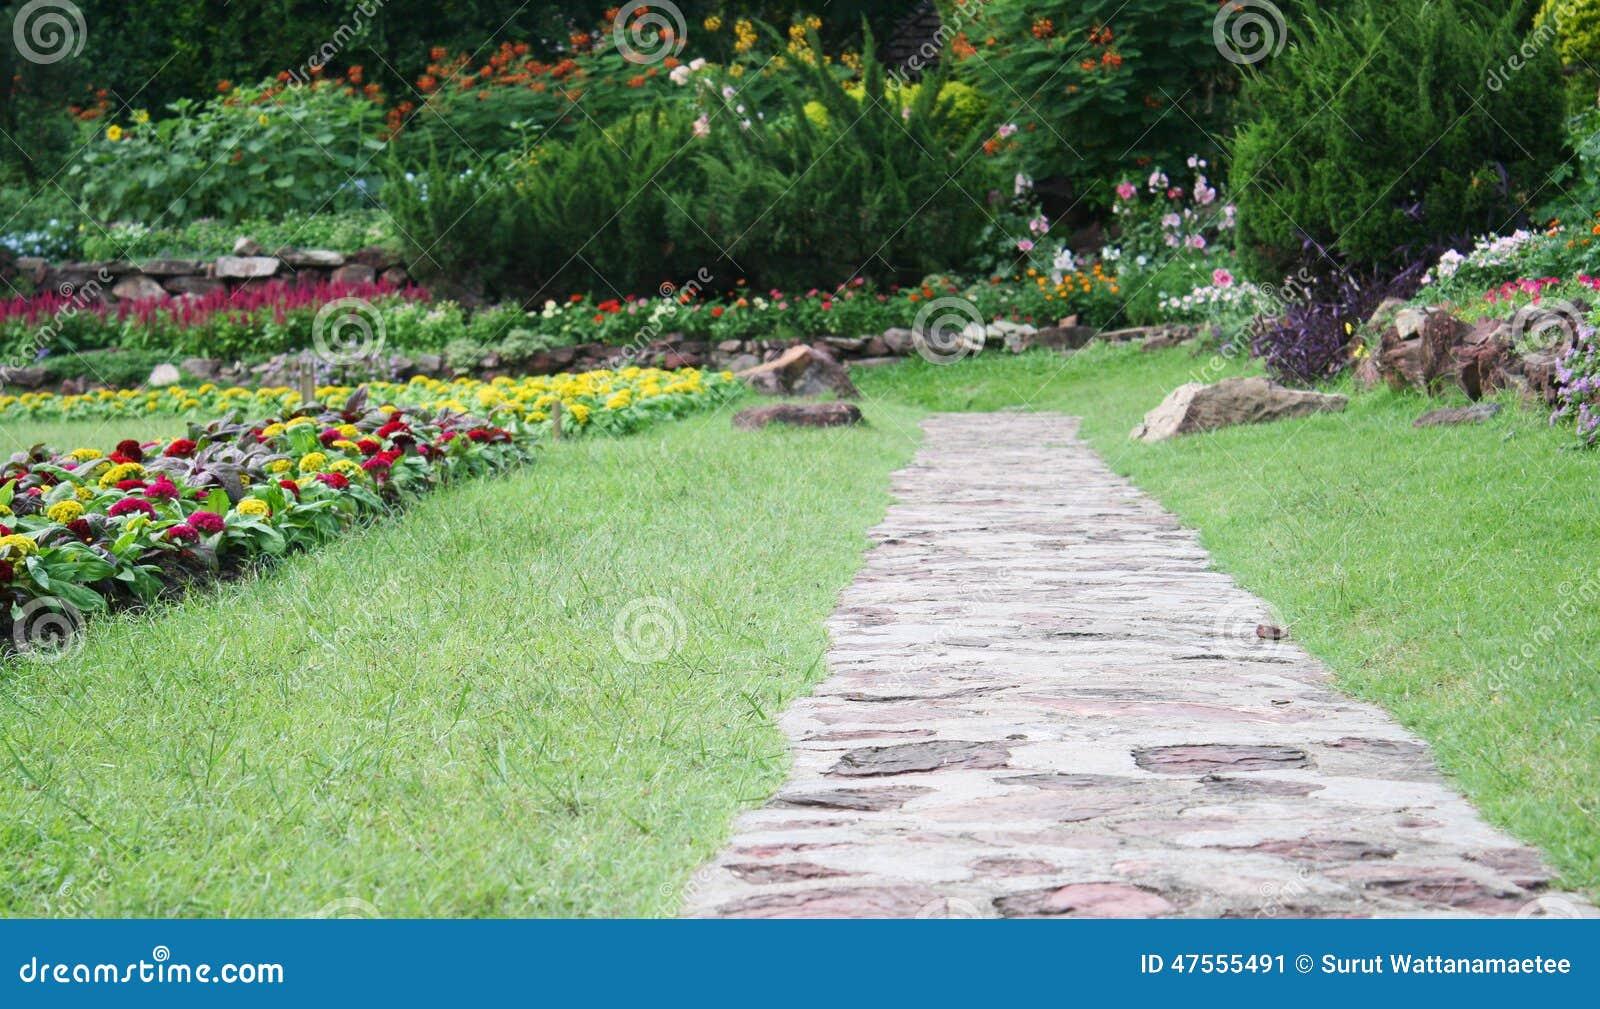 pedra jardim caminho:Caminho De Pedra No Jardim Foto de Stock – Imagem: 47555491